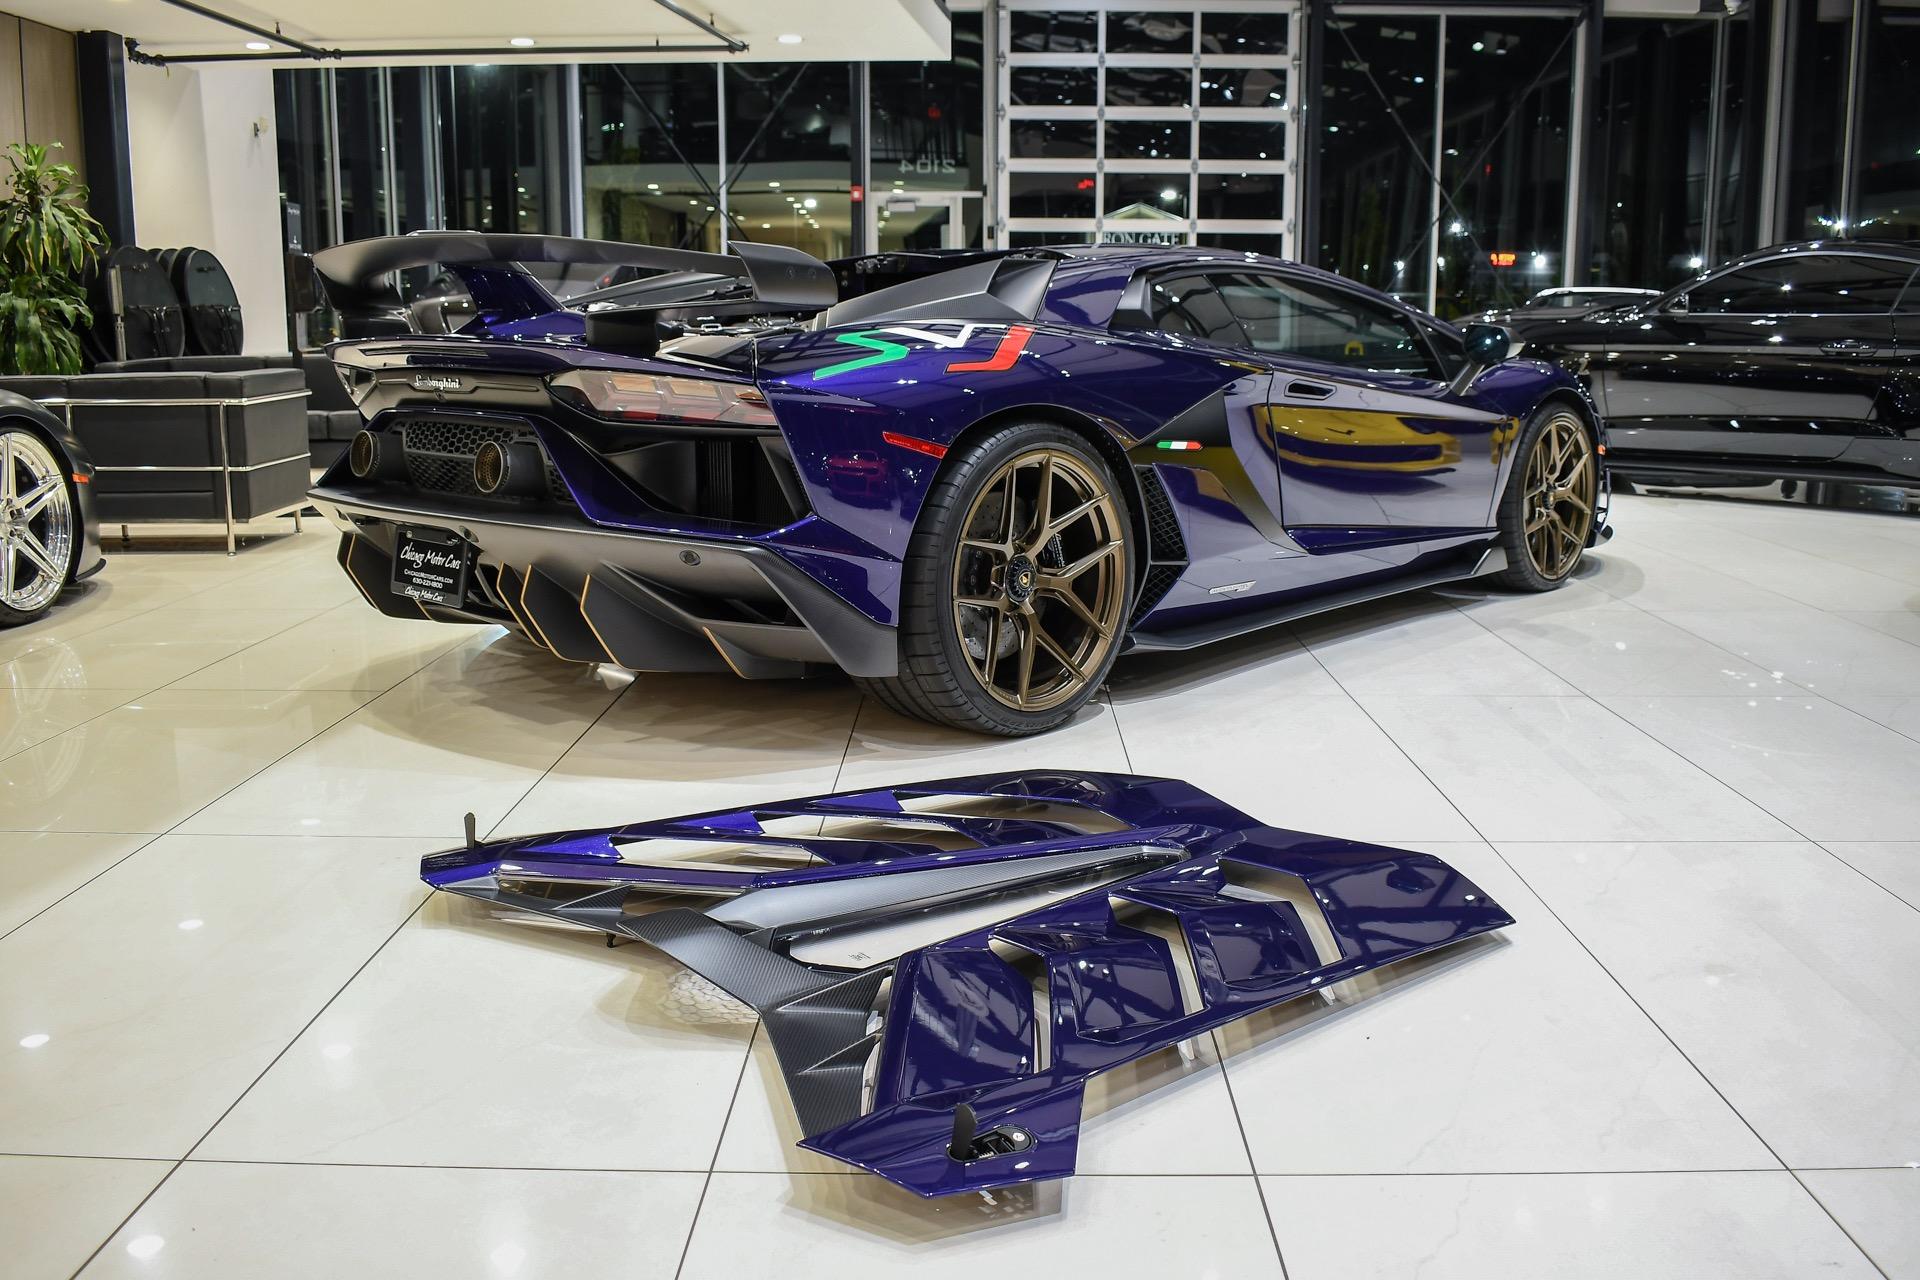 Used-2019-Lamborghini-Aventador-LP770-4-SVJ-Exclusive-Ad-Personam-Viola-Aleteia-Huge-MSRP-Full-Body-PPF